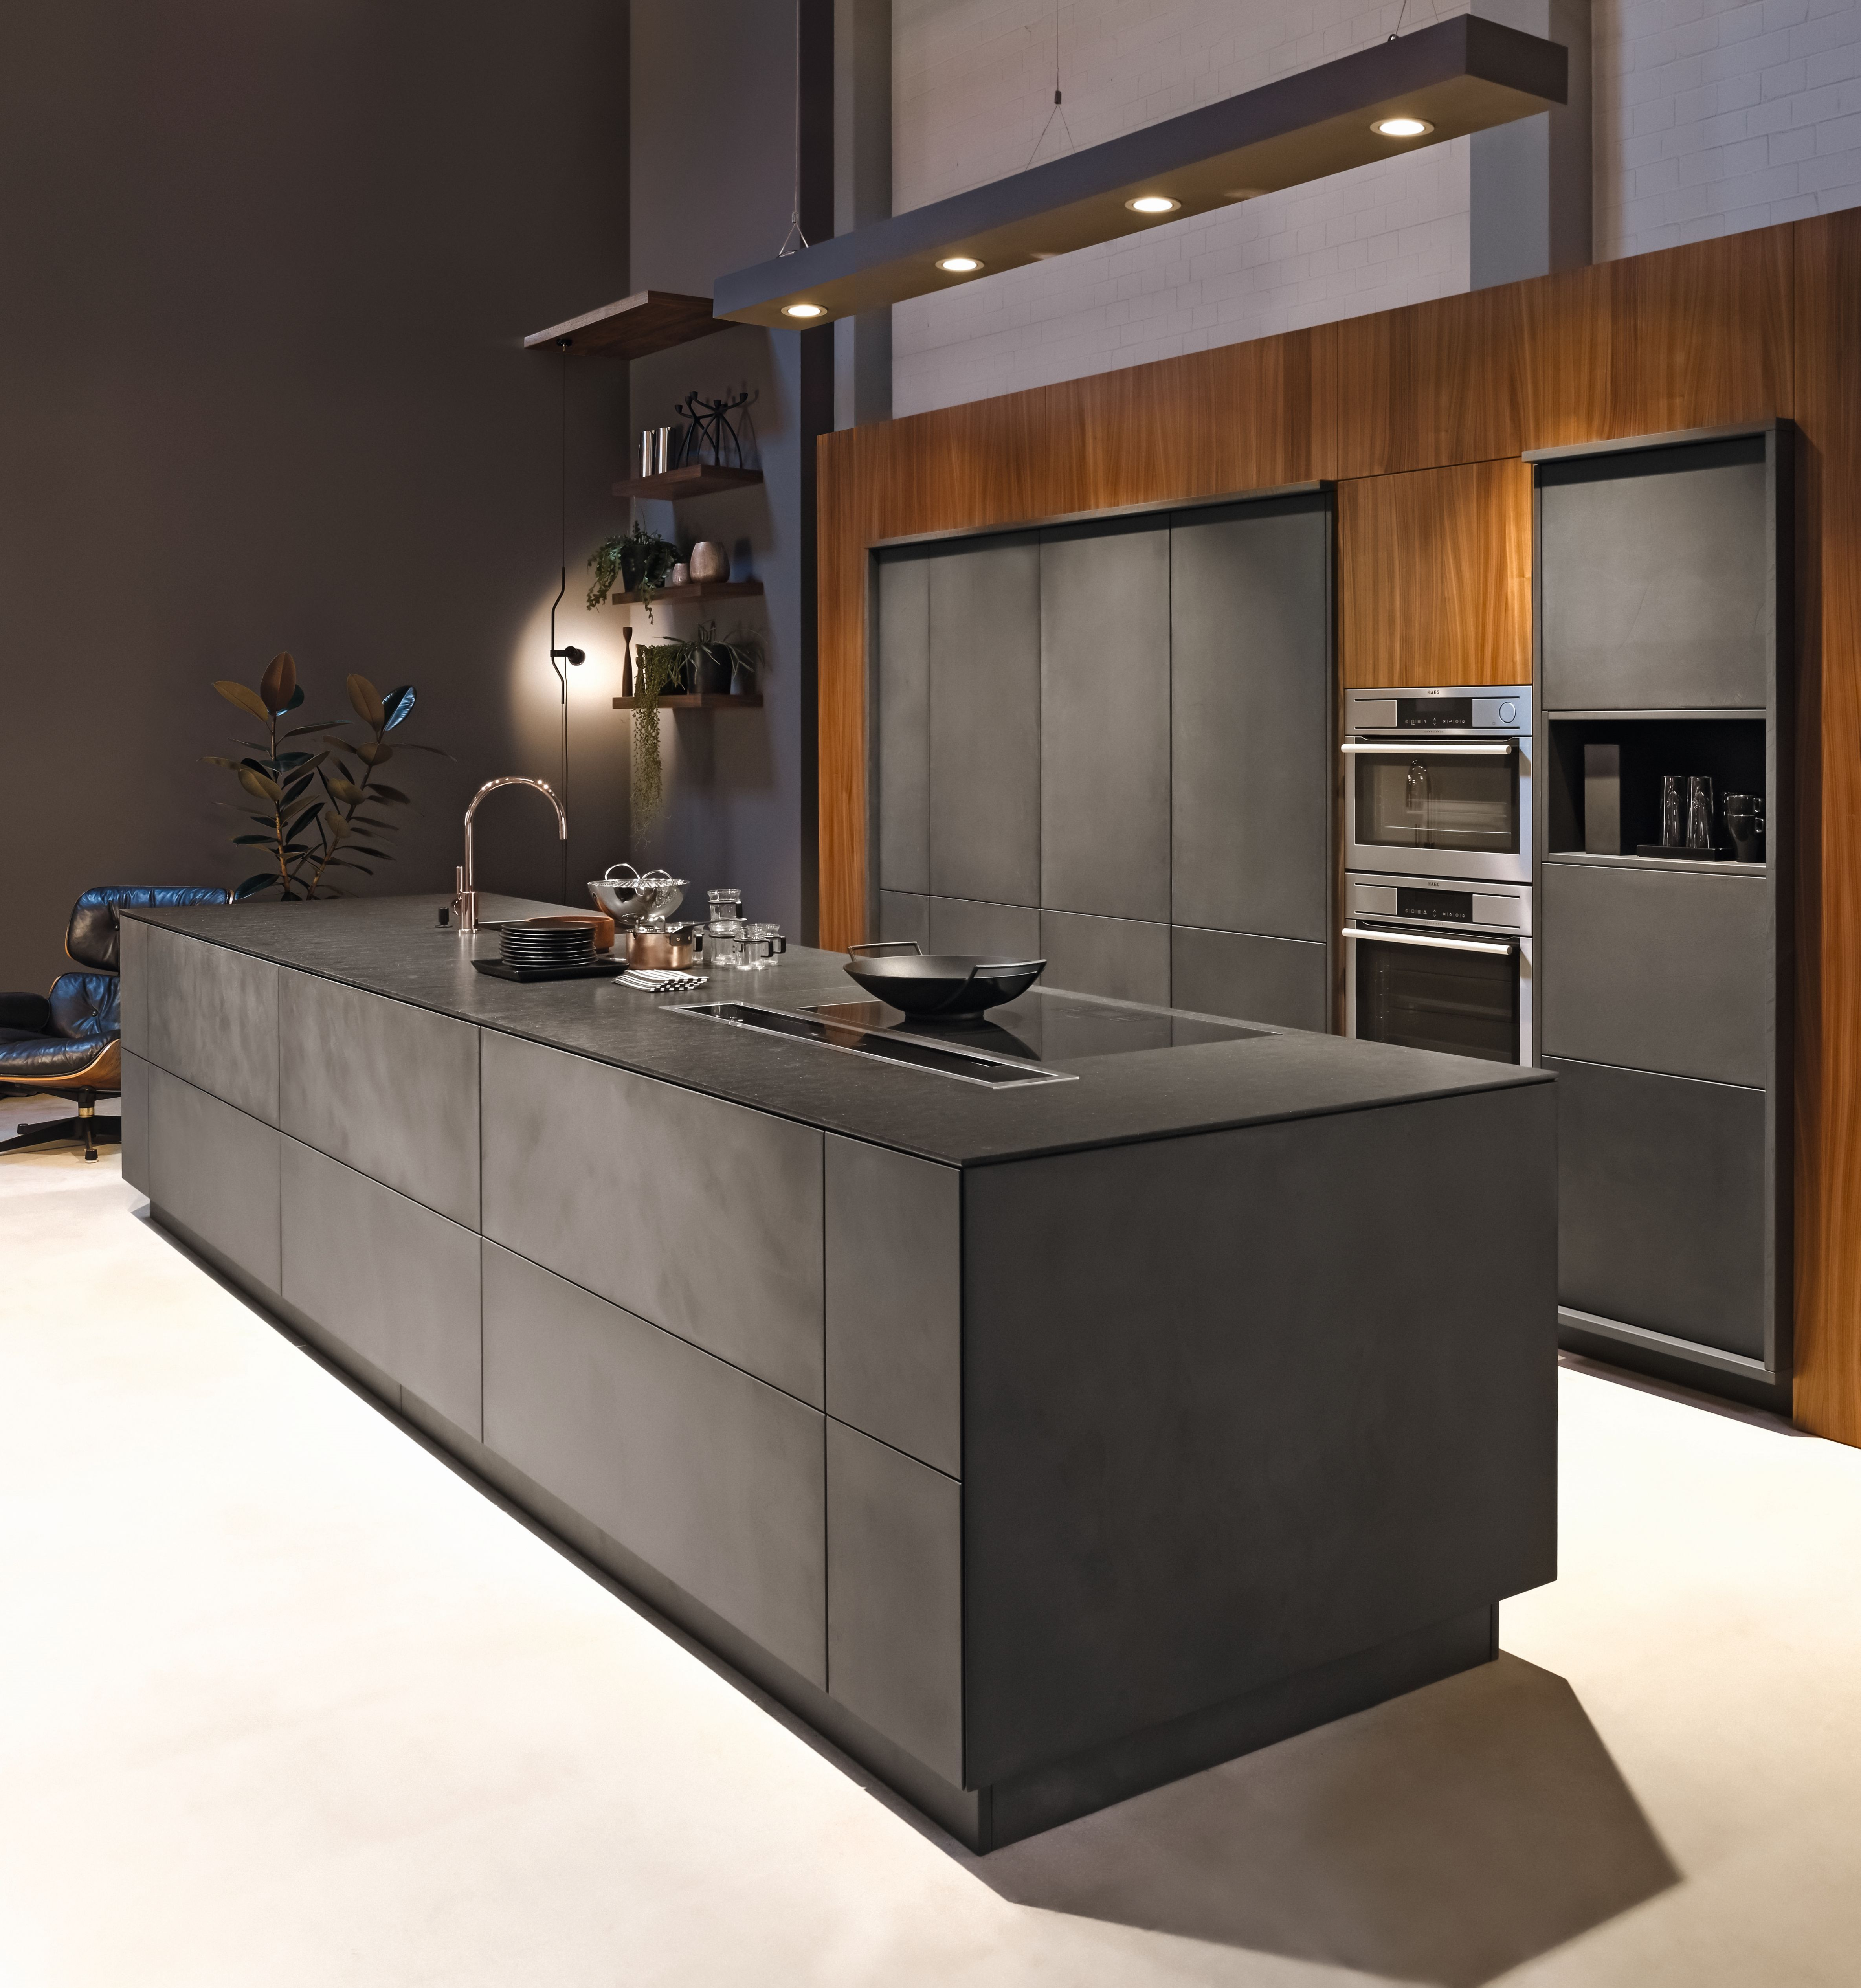 Küche k design kh küche beton anthrazit  nussbaum furniert kh kitchen concrete